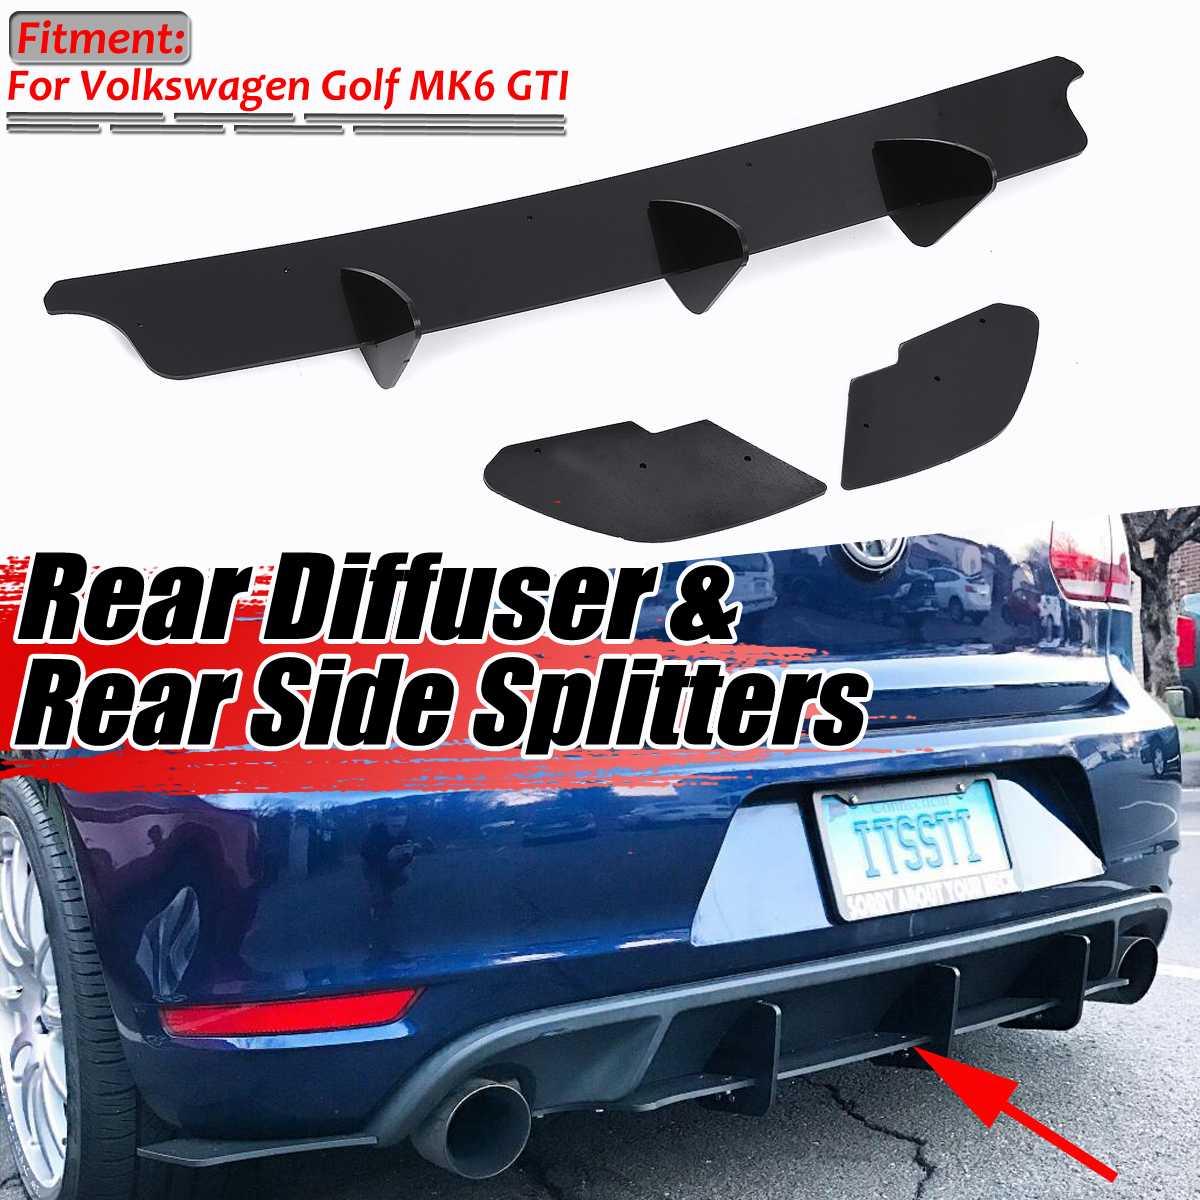 สำหรับ GTI รถด้านหลังกันชน Diffuser & ด้านหลัง Splitters สปอยเลอร์สำหรับ VW สำหรับโฟล์คสวาเก้นกอล์ฟ MK6 GTI /MK7 GTI/MK7.5 ...